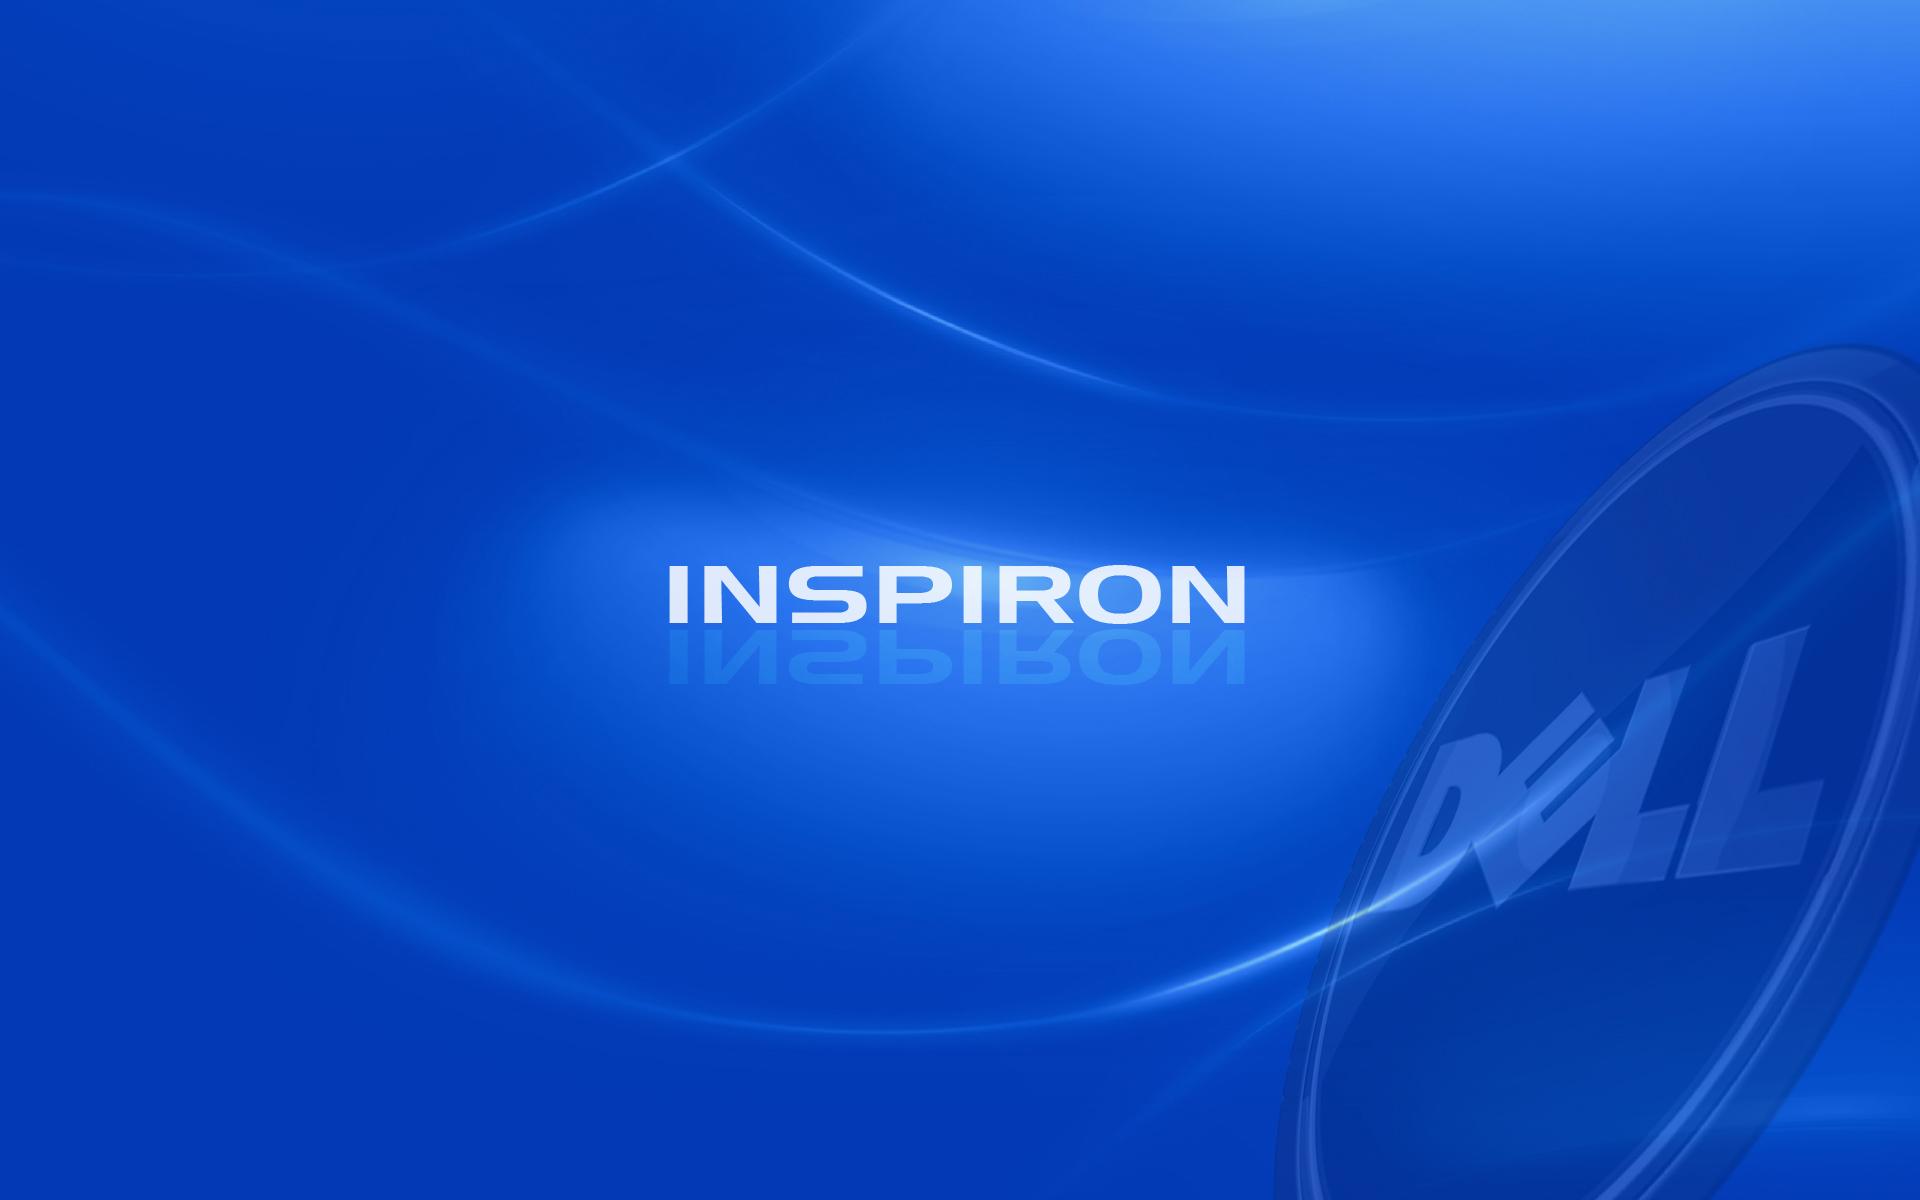 Best 47 Inspiron HD Wallpaper on HipWallpaper Inspiron 1920x1200